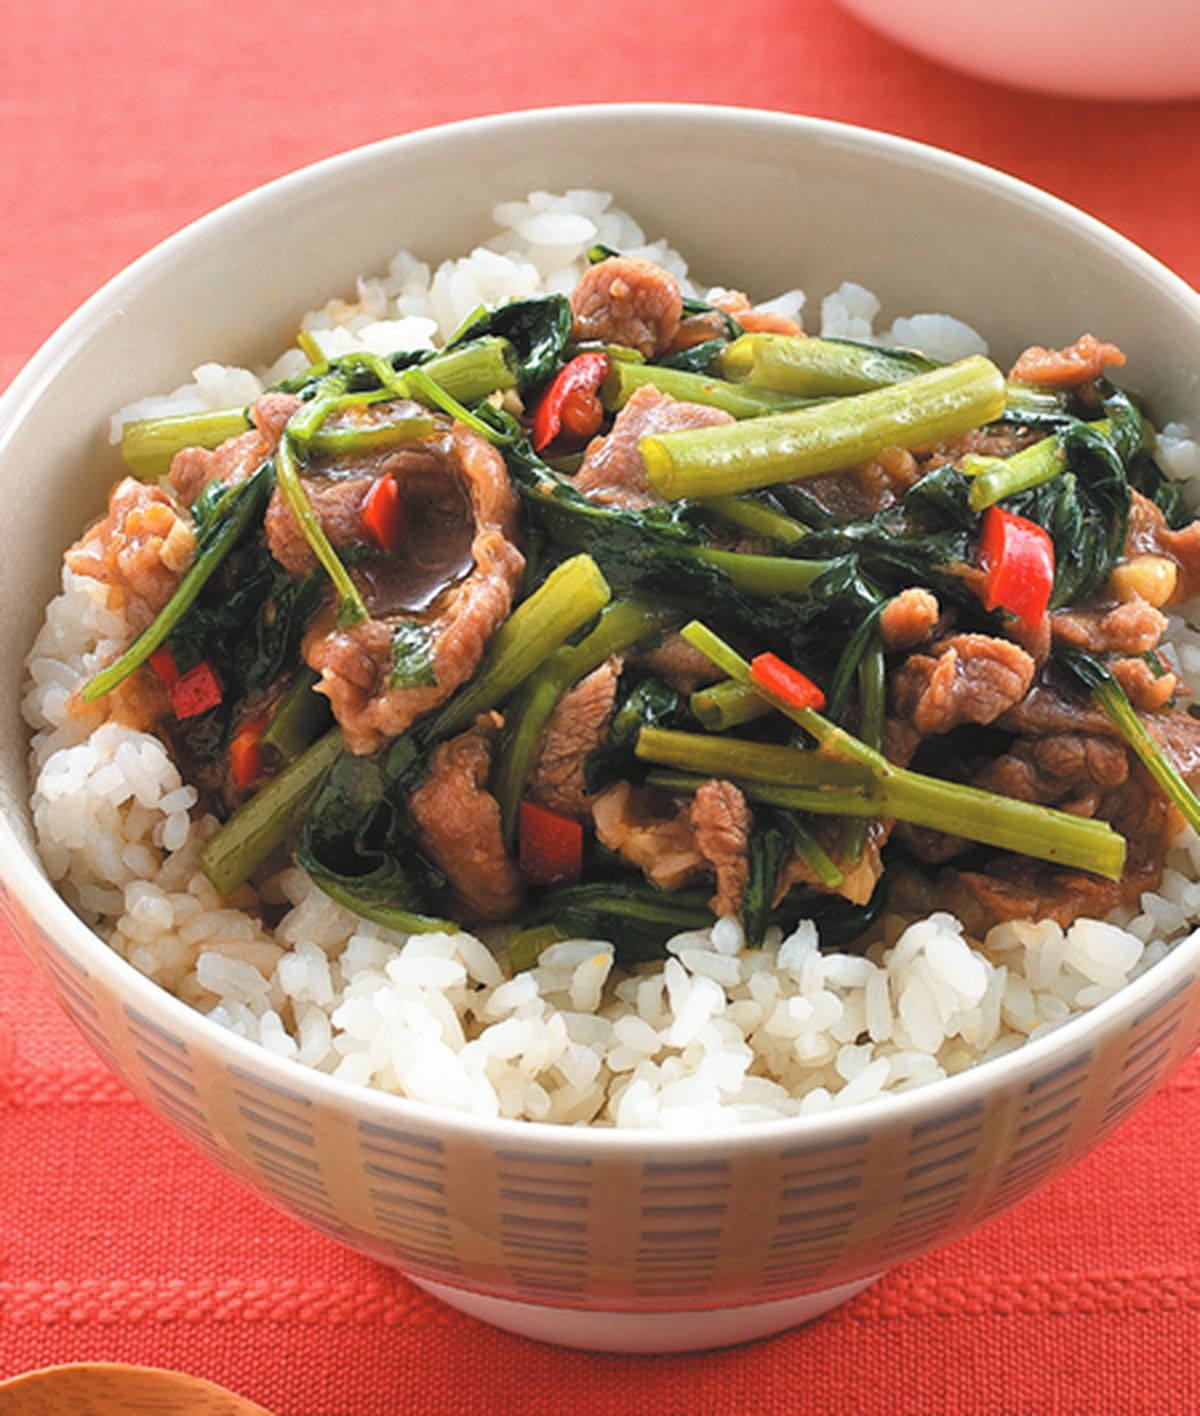 食譜:沙茶羊肉蓋飯